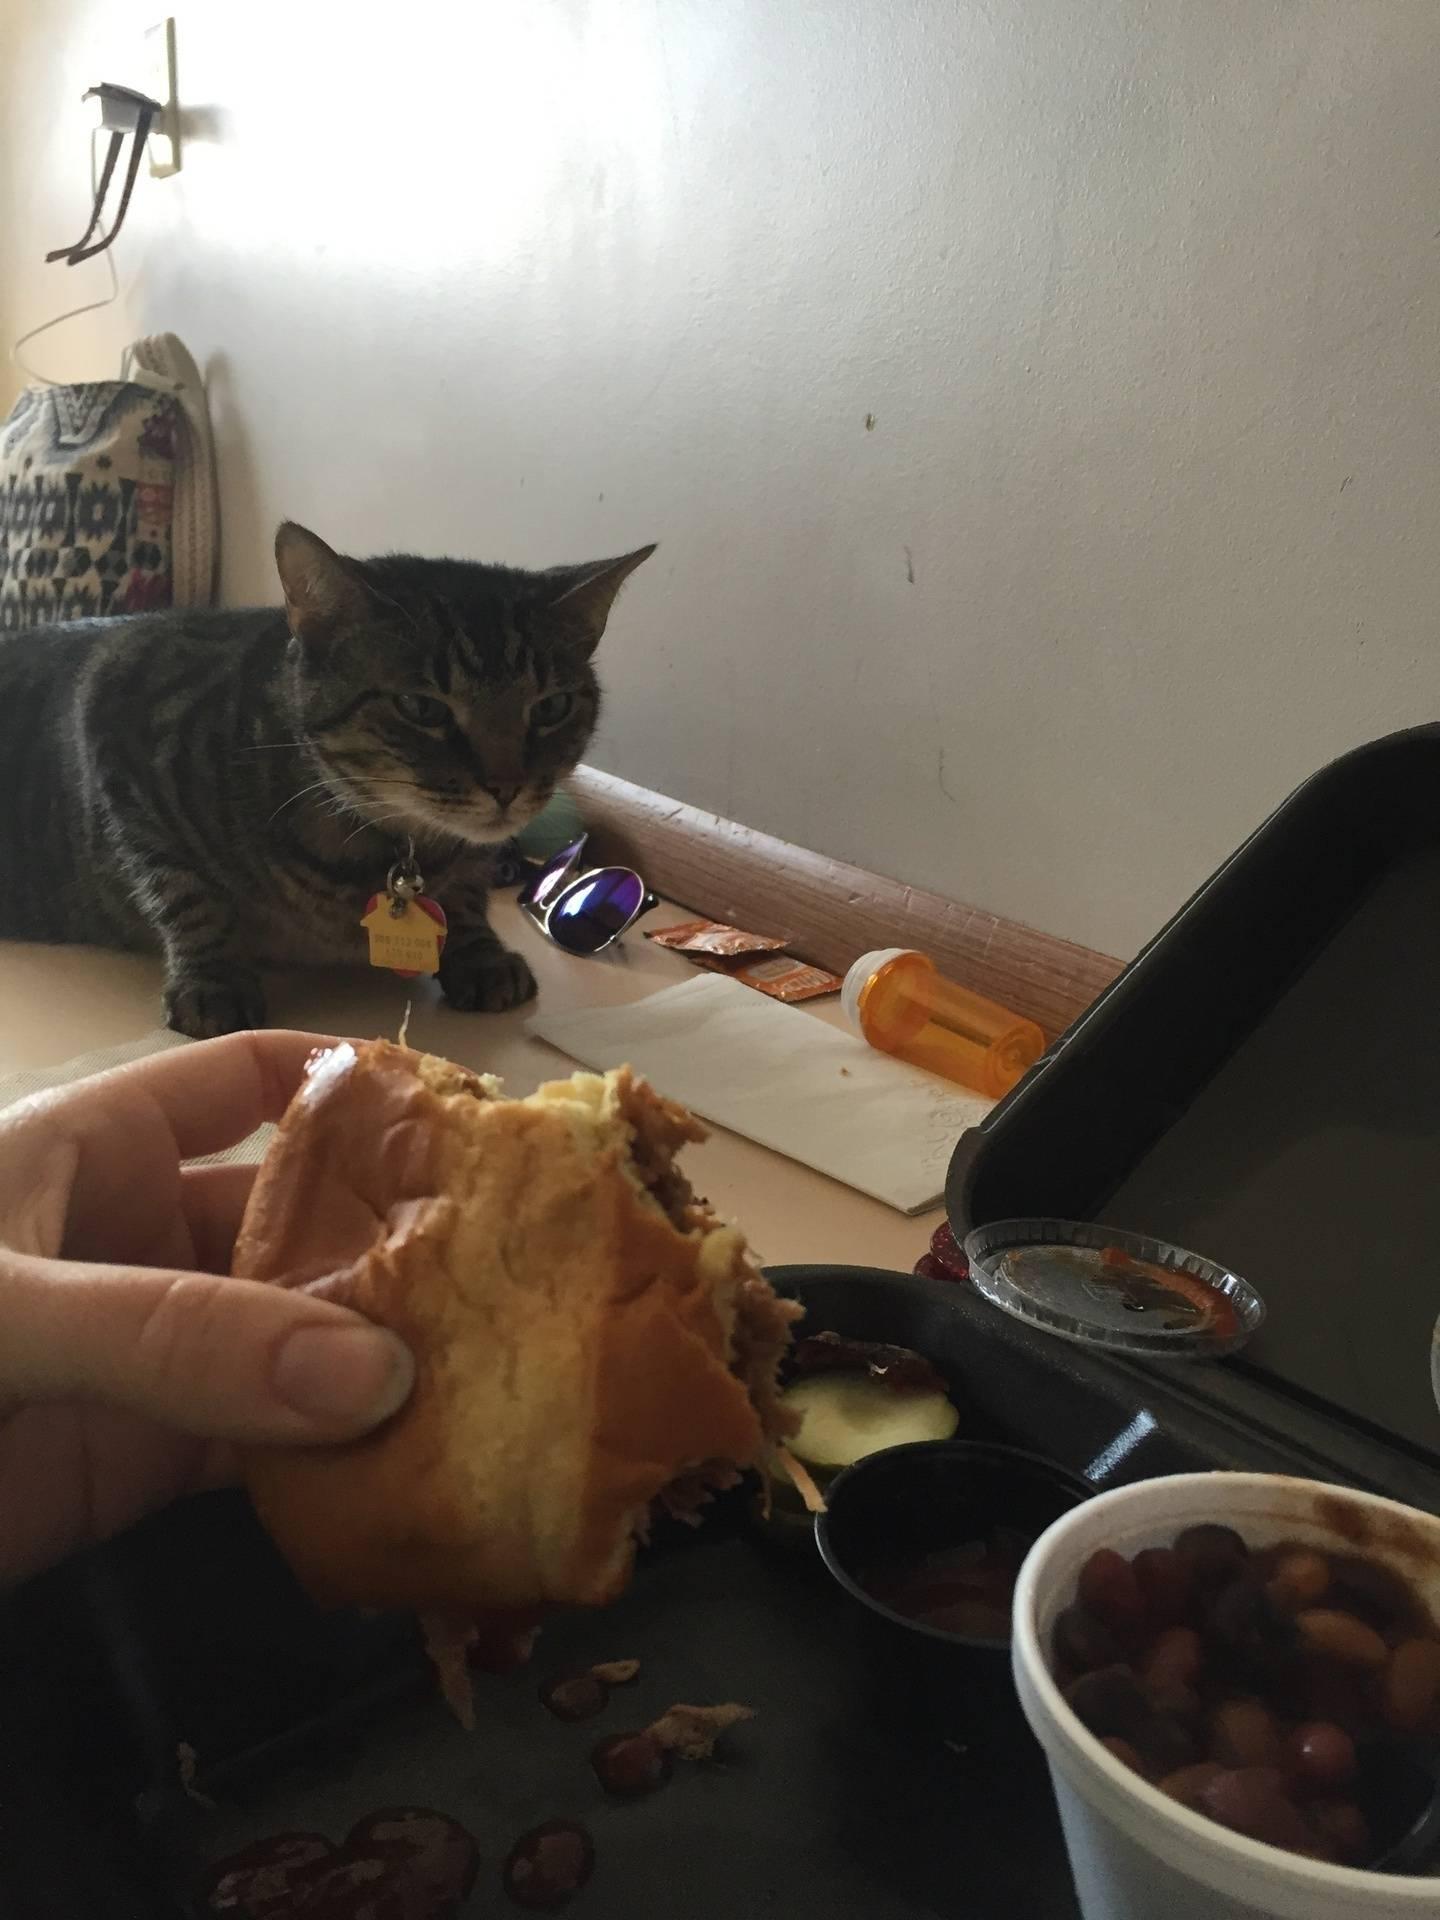 Happy a.k.a. Food Thief